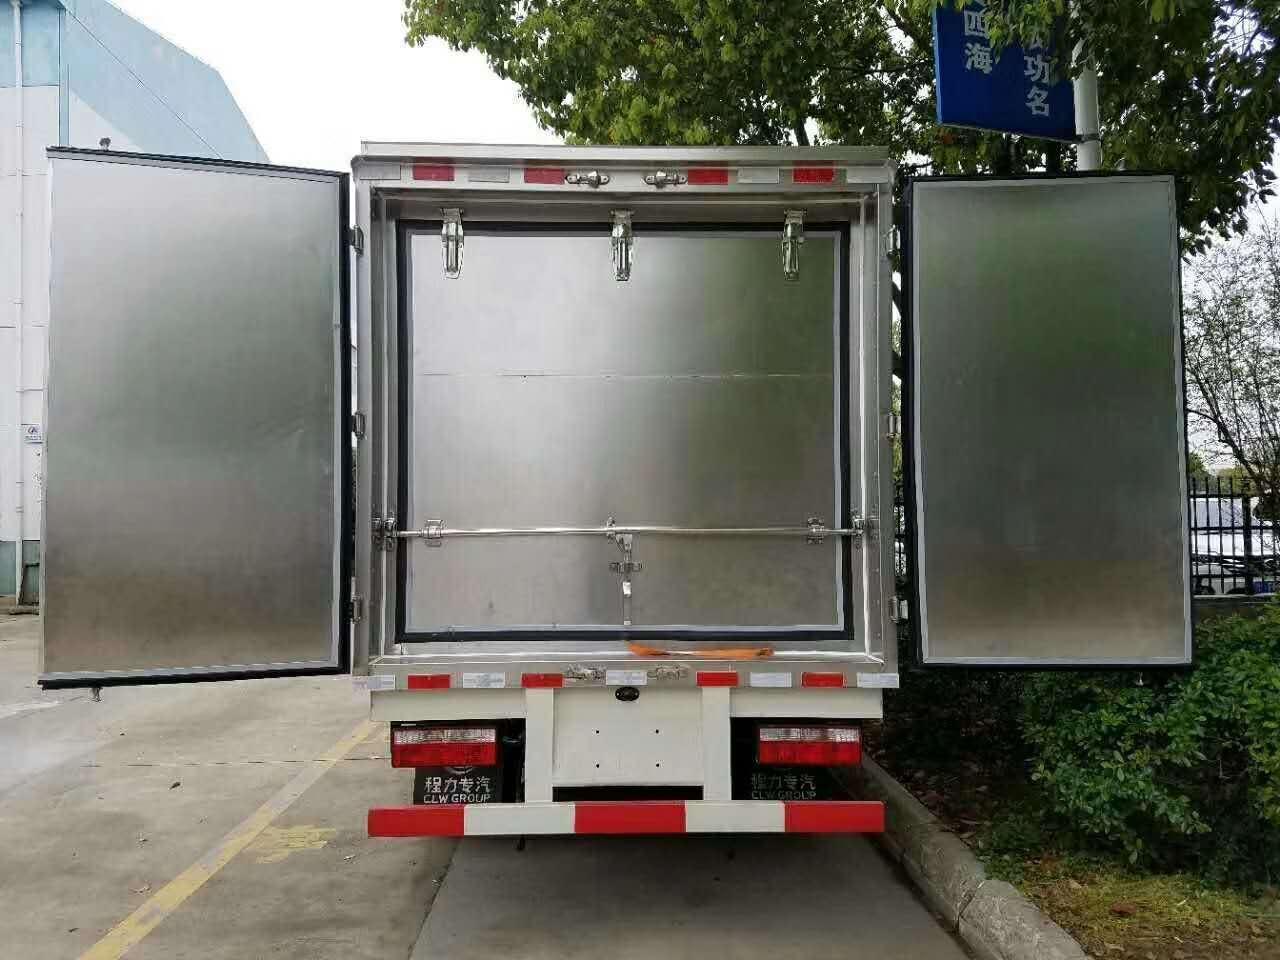 医疗废物转运车。图片